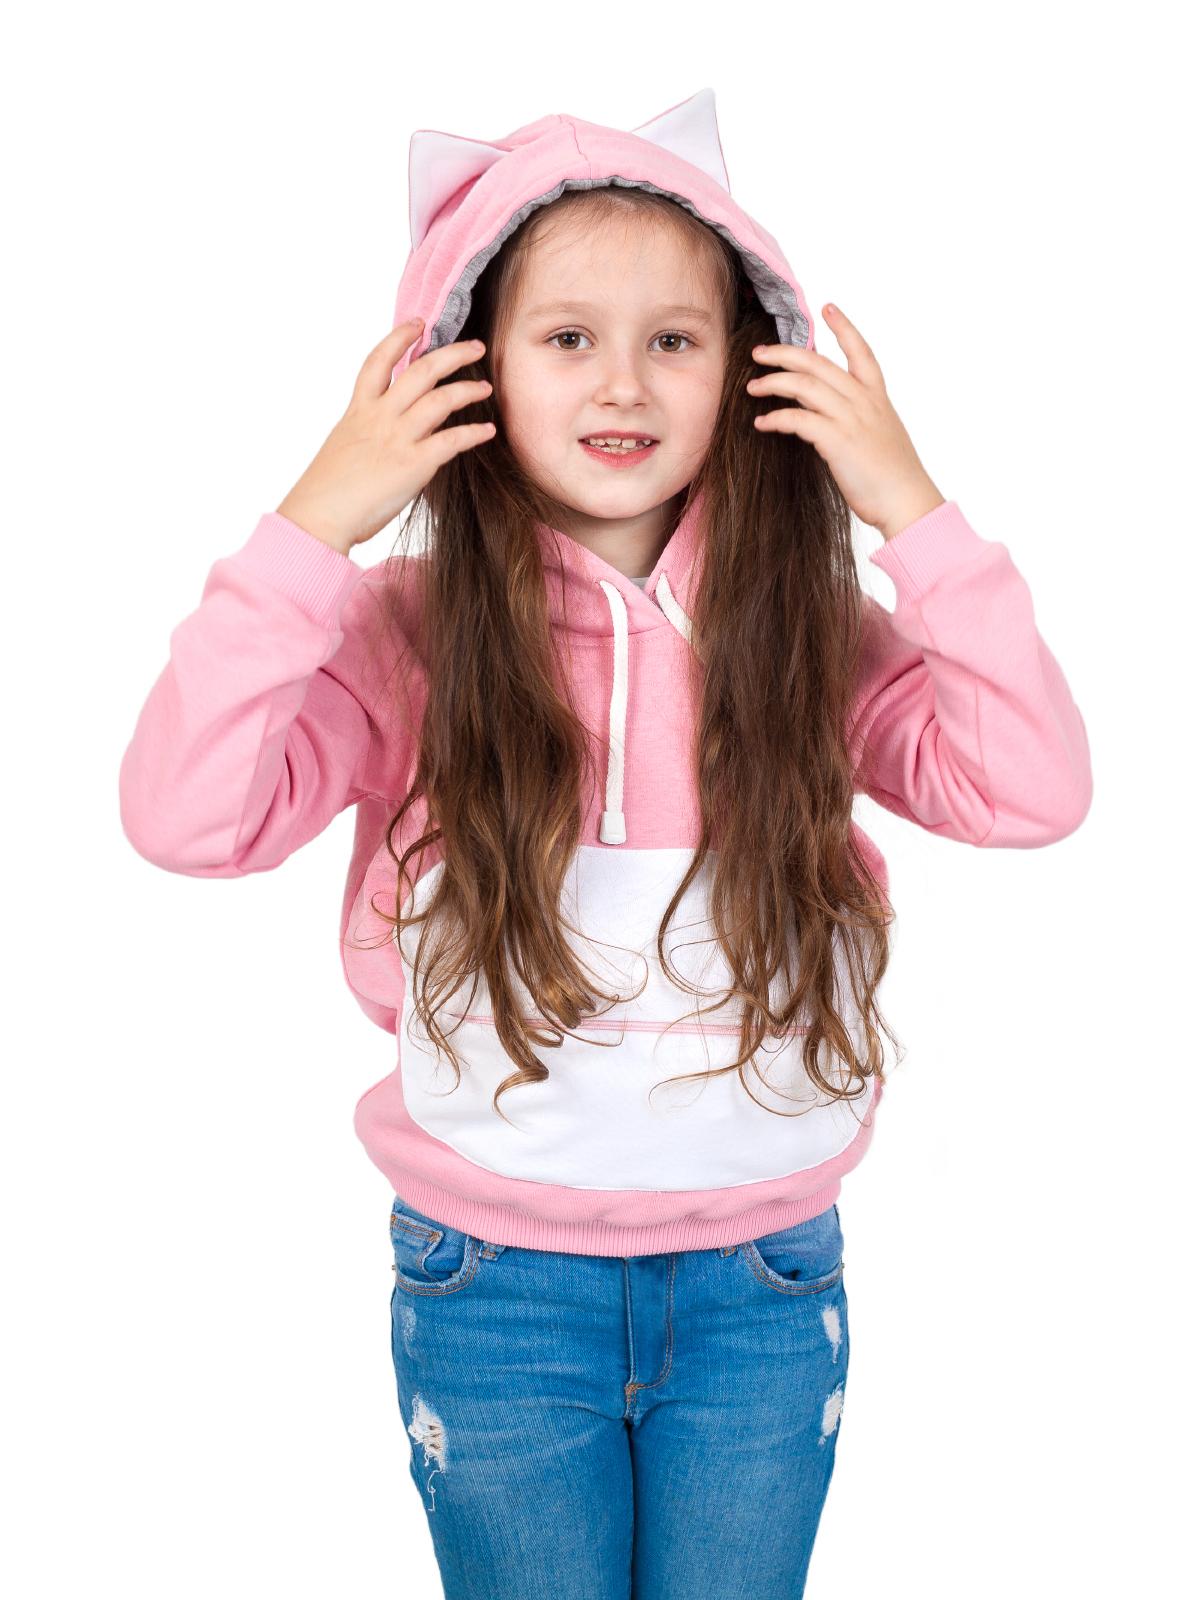 Купить Толстовка 2 в 1 с игрушкой, Обликулс Next 2 в 1: Толстовка с капюшоном Лео и Тиг «Редьяра Pink», цв. Розовый, р.92, Oblicools,